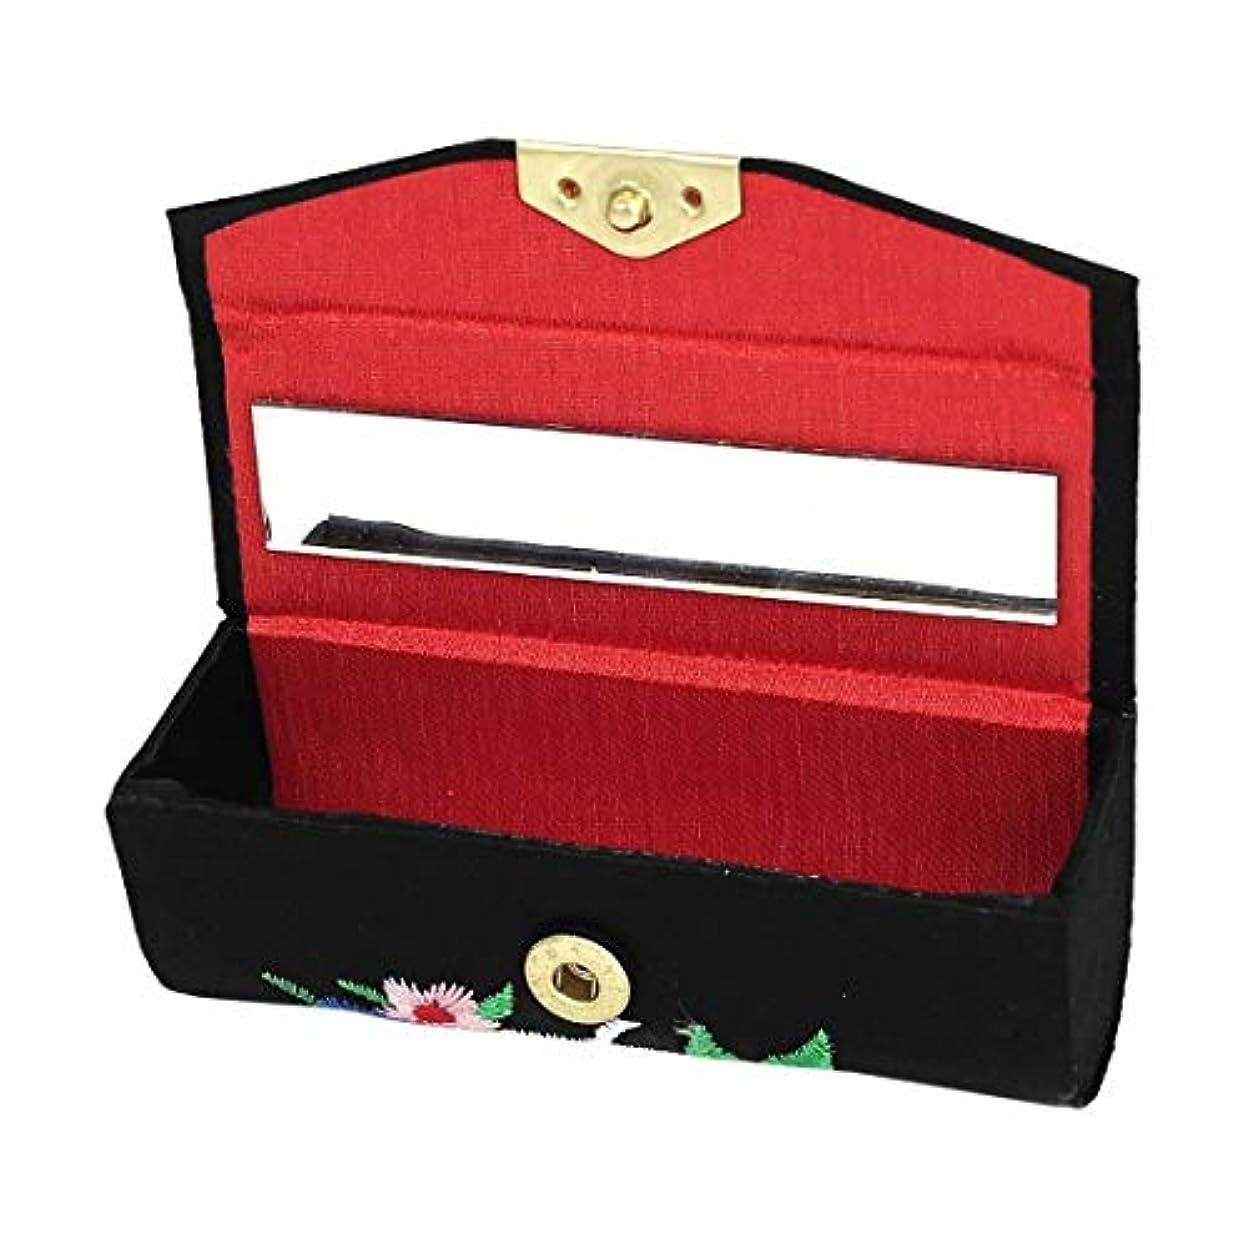 偏見なめらかなシニス1st market プレミアム品質花刺繍レディー口紅リップチャップスティック化粧ケースボックスブラック